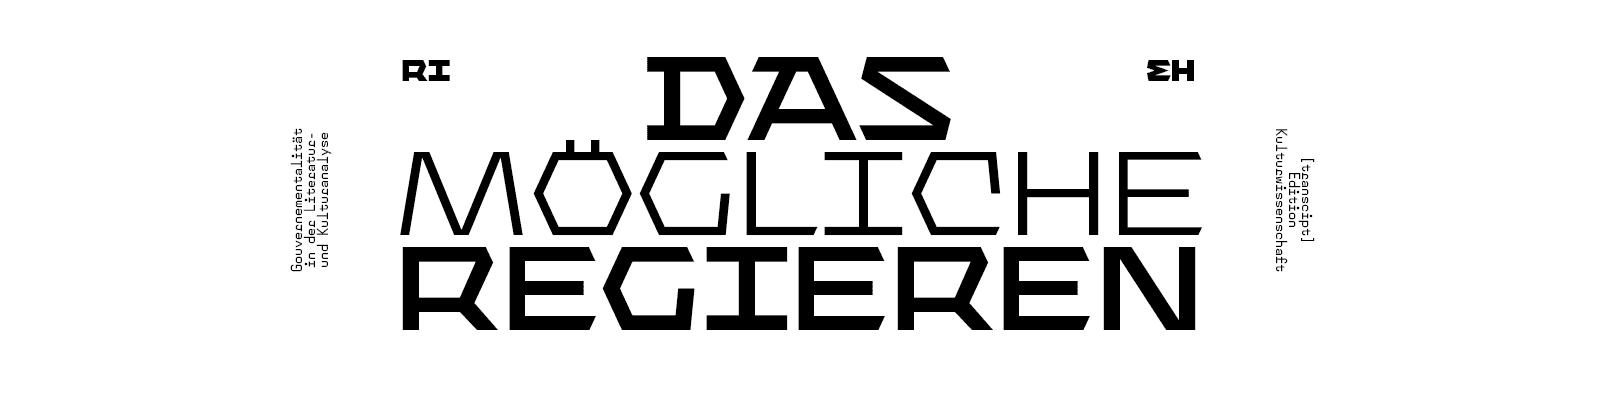 12_Type_Designers